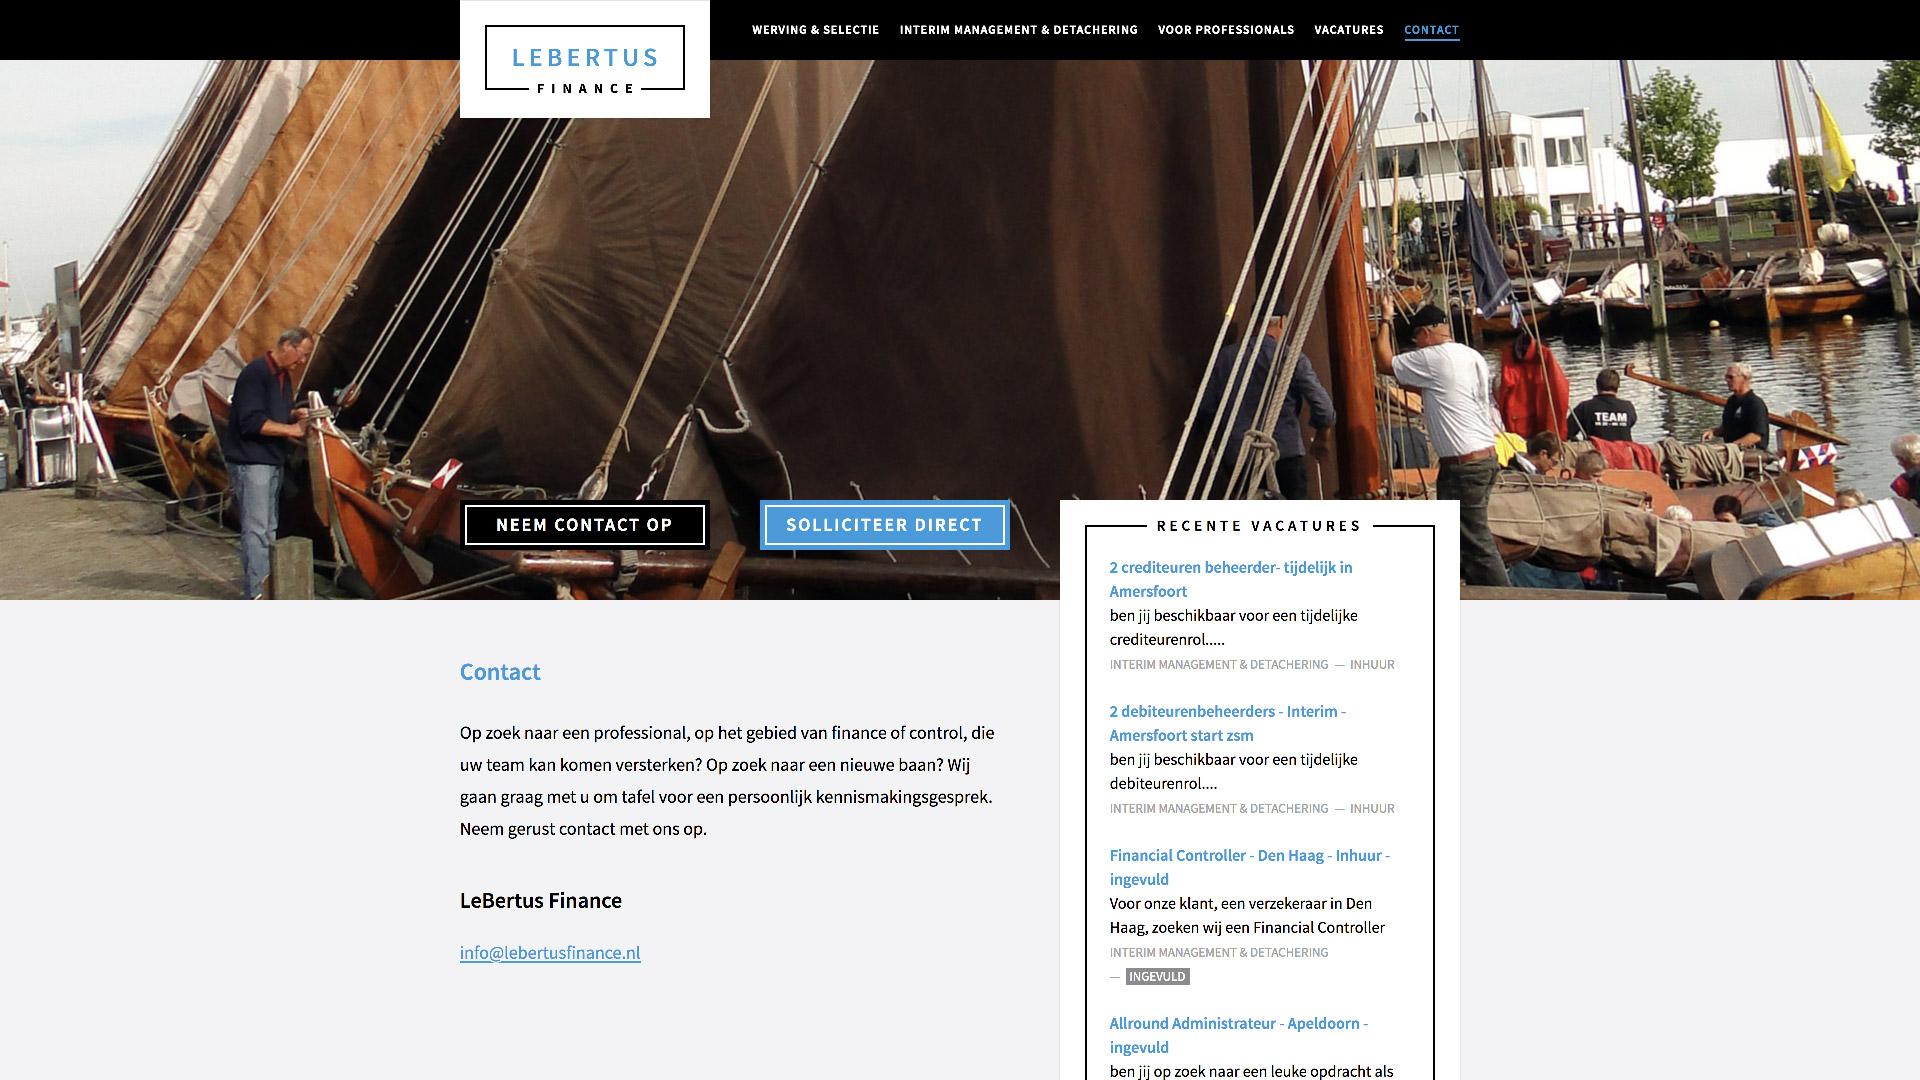 Website for LeBertus Finance / 1